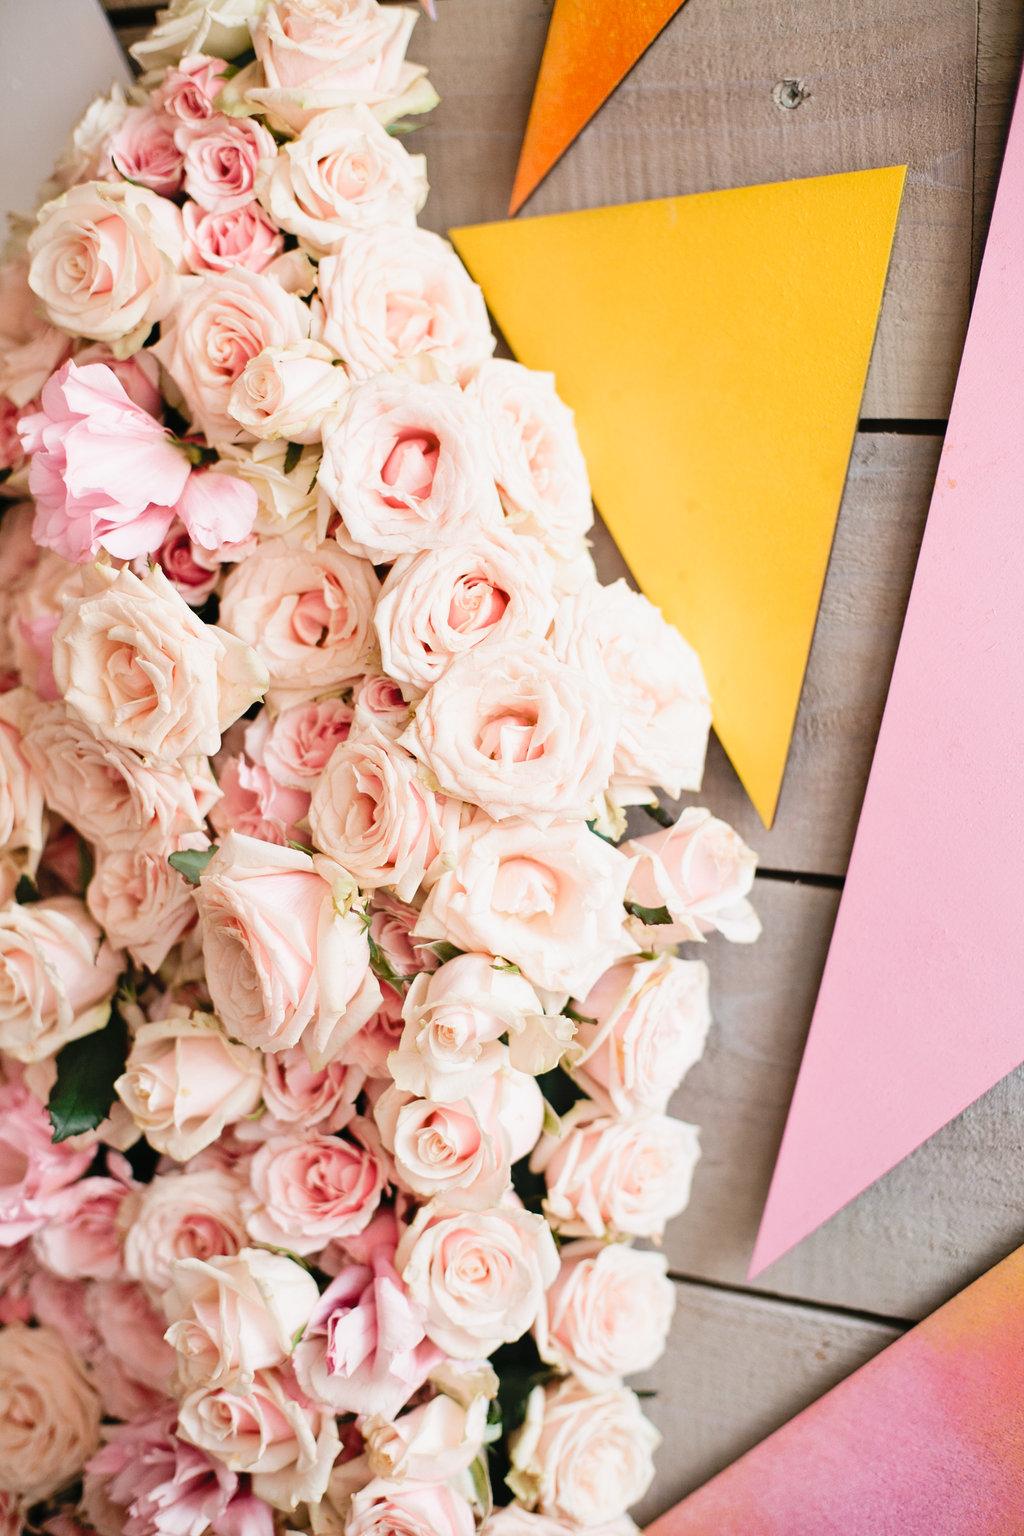 geometric floral pieces